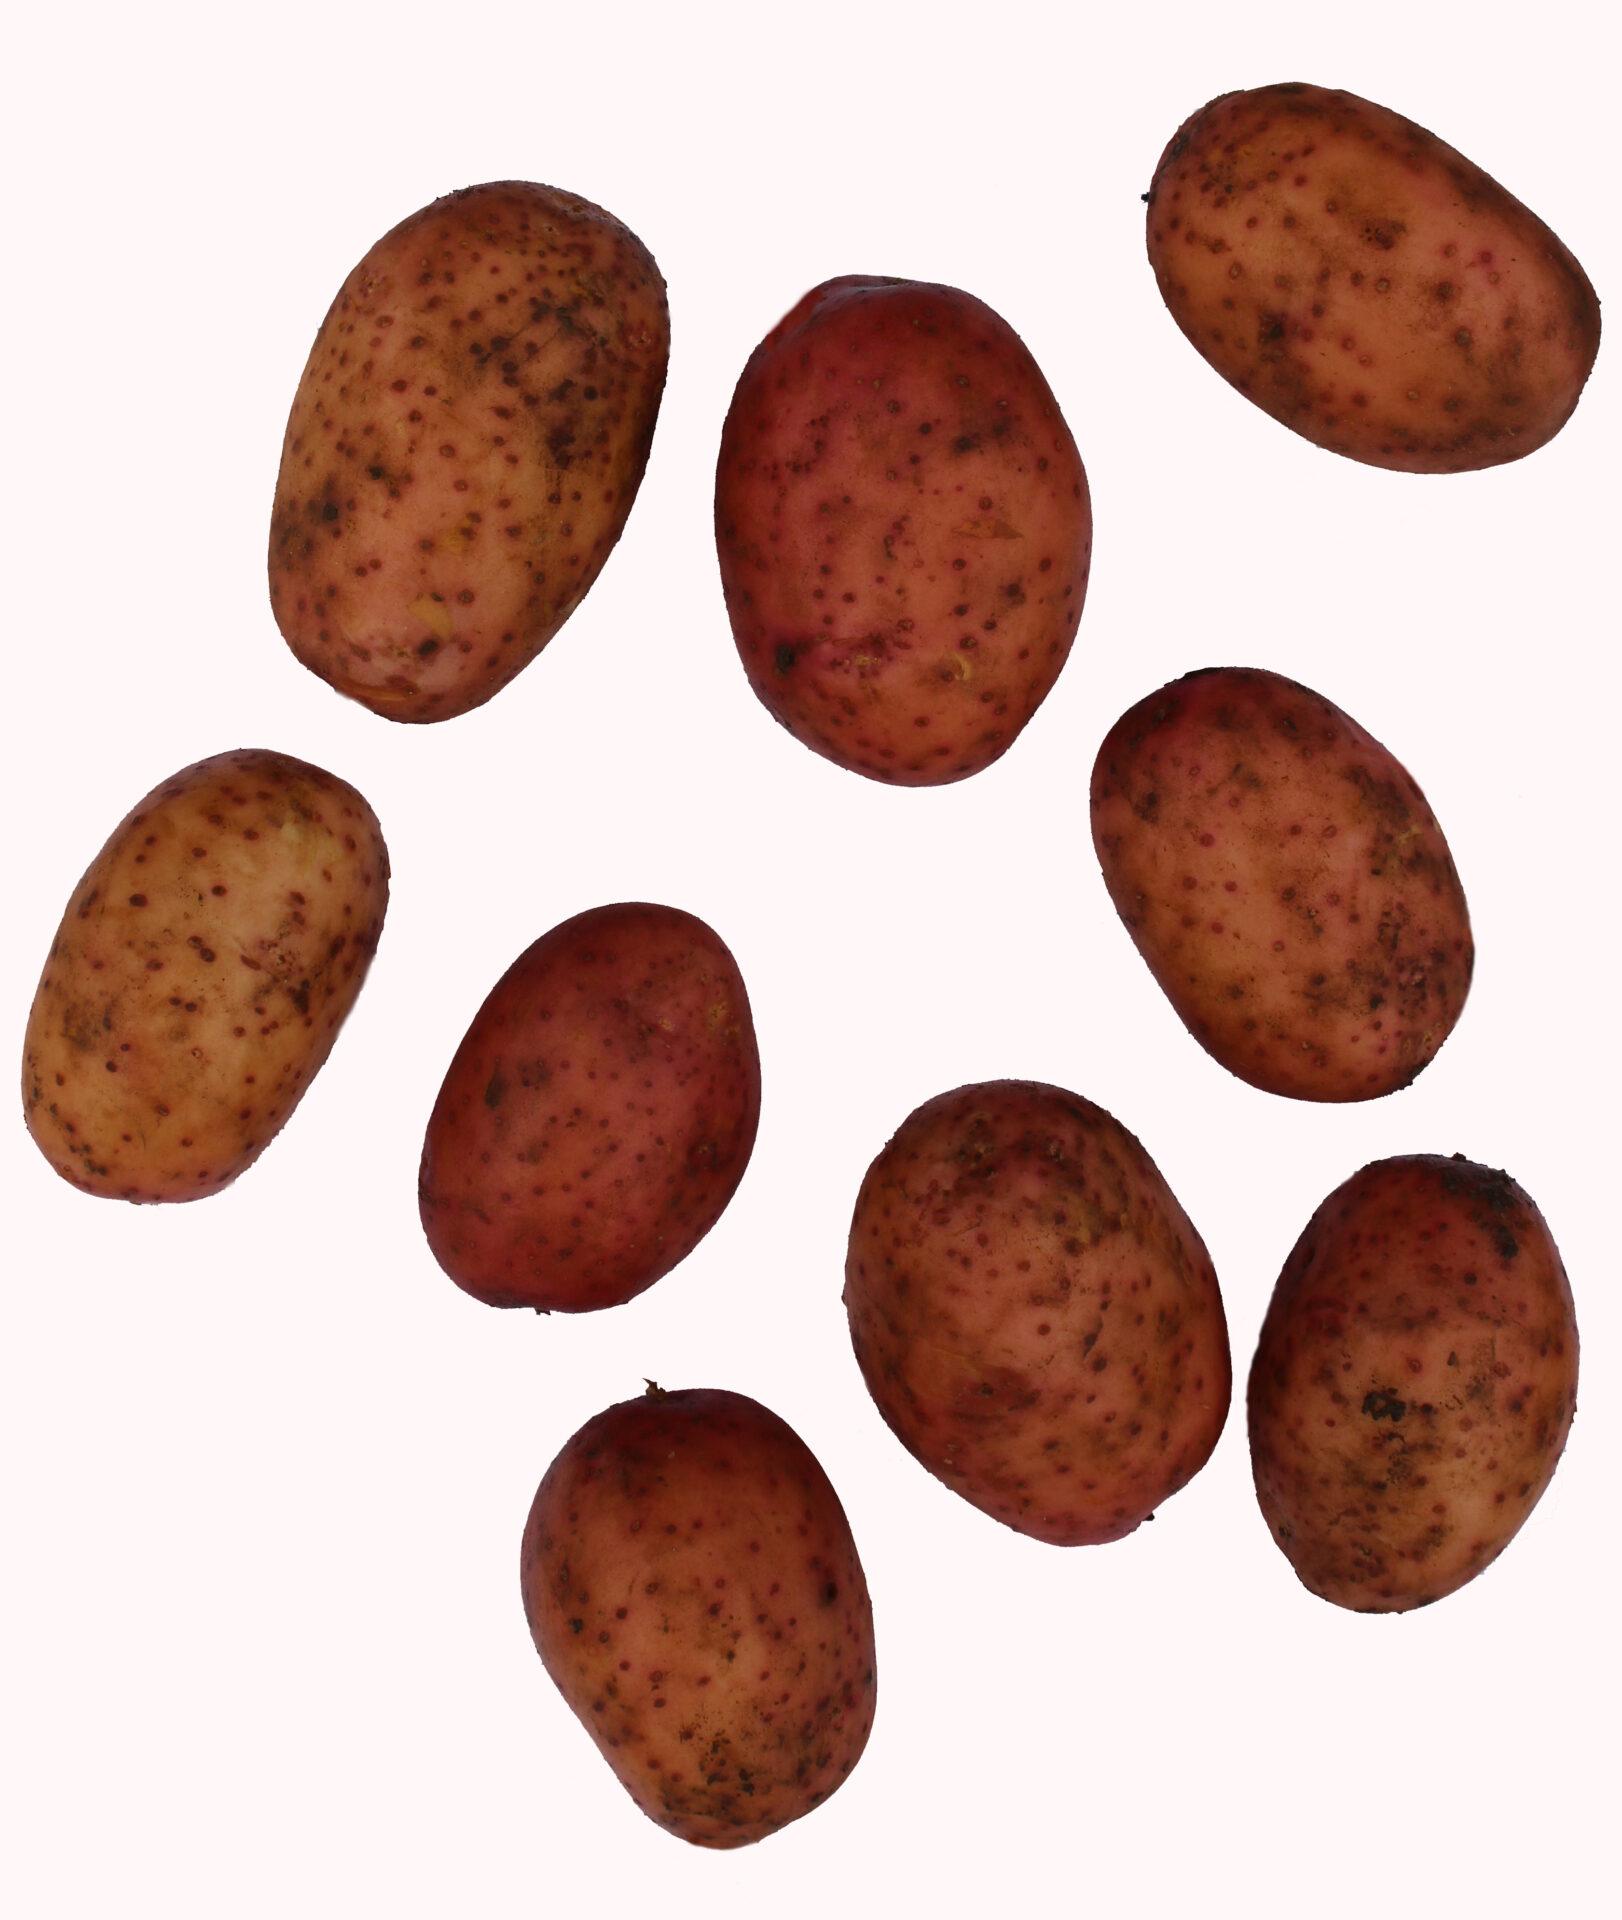 birgit kartul kartulisort